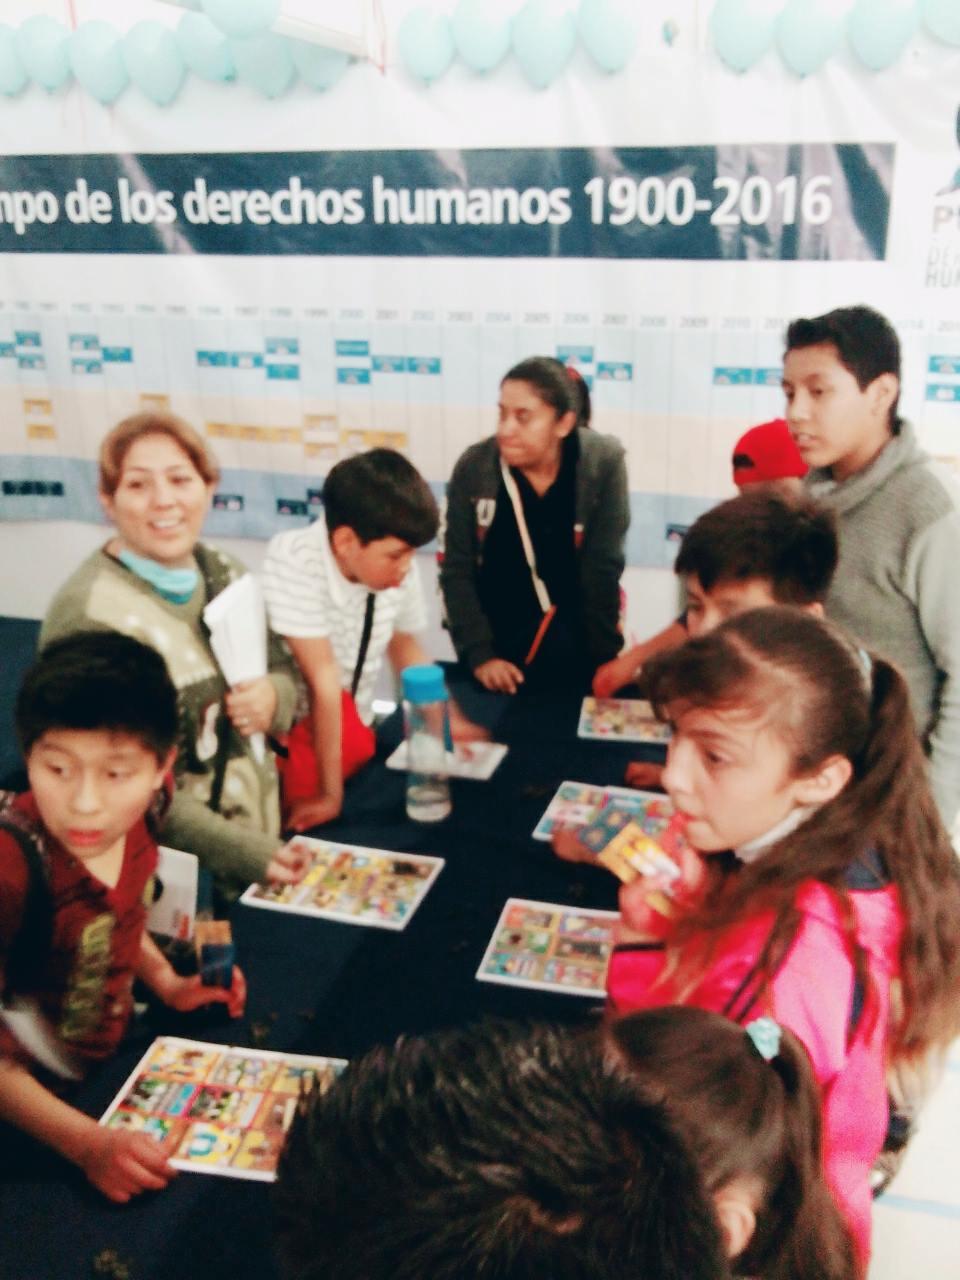 Divulgación_de_la_ciencia_y_la_cultura,_Universum-UNAM_4